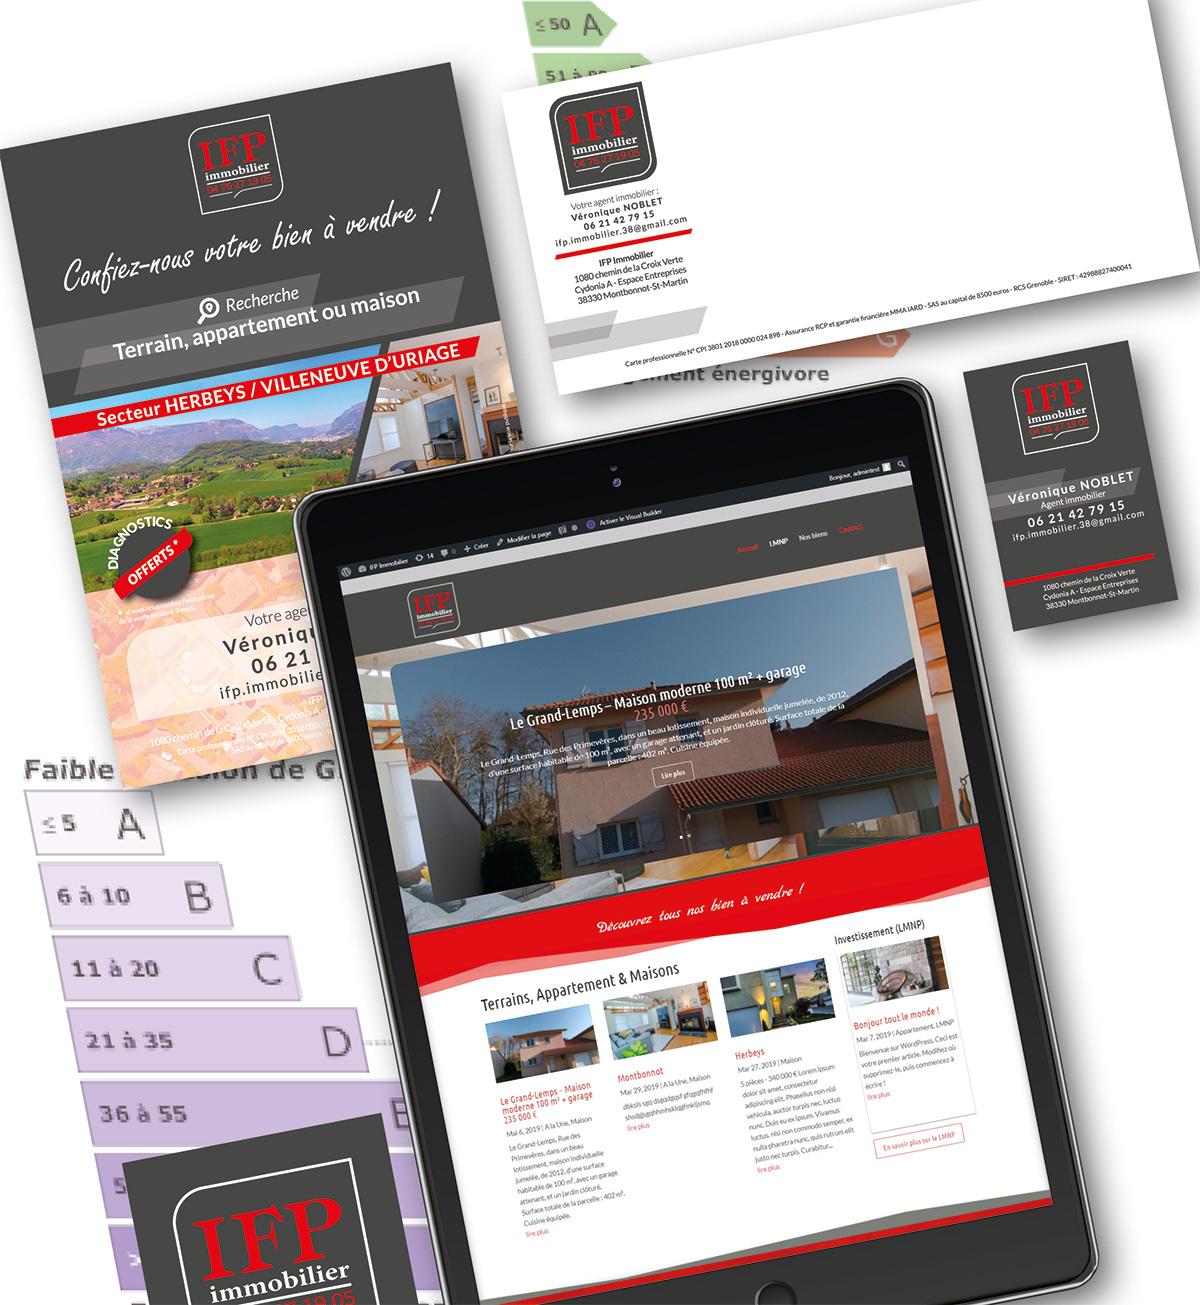 <strong>IFP Immobilier</strong> : Documents administratifs, Cartes de visite et correspondance, Site Web